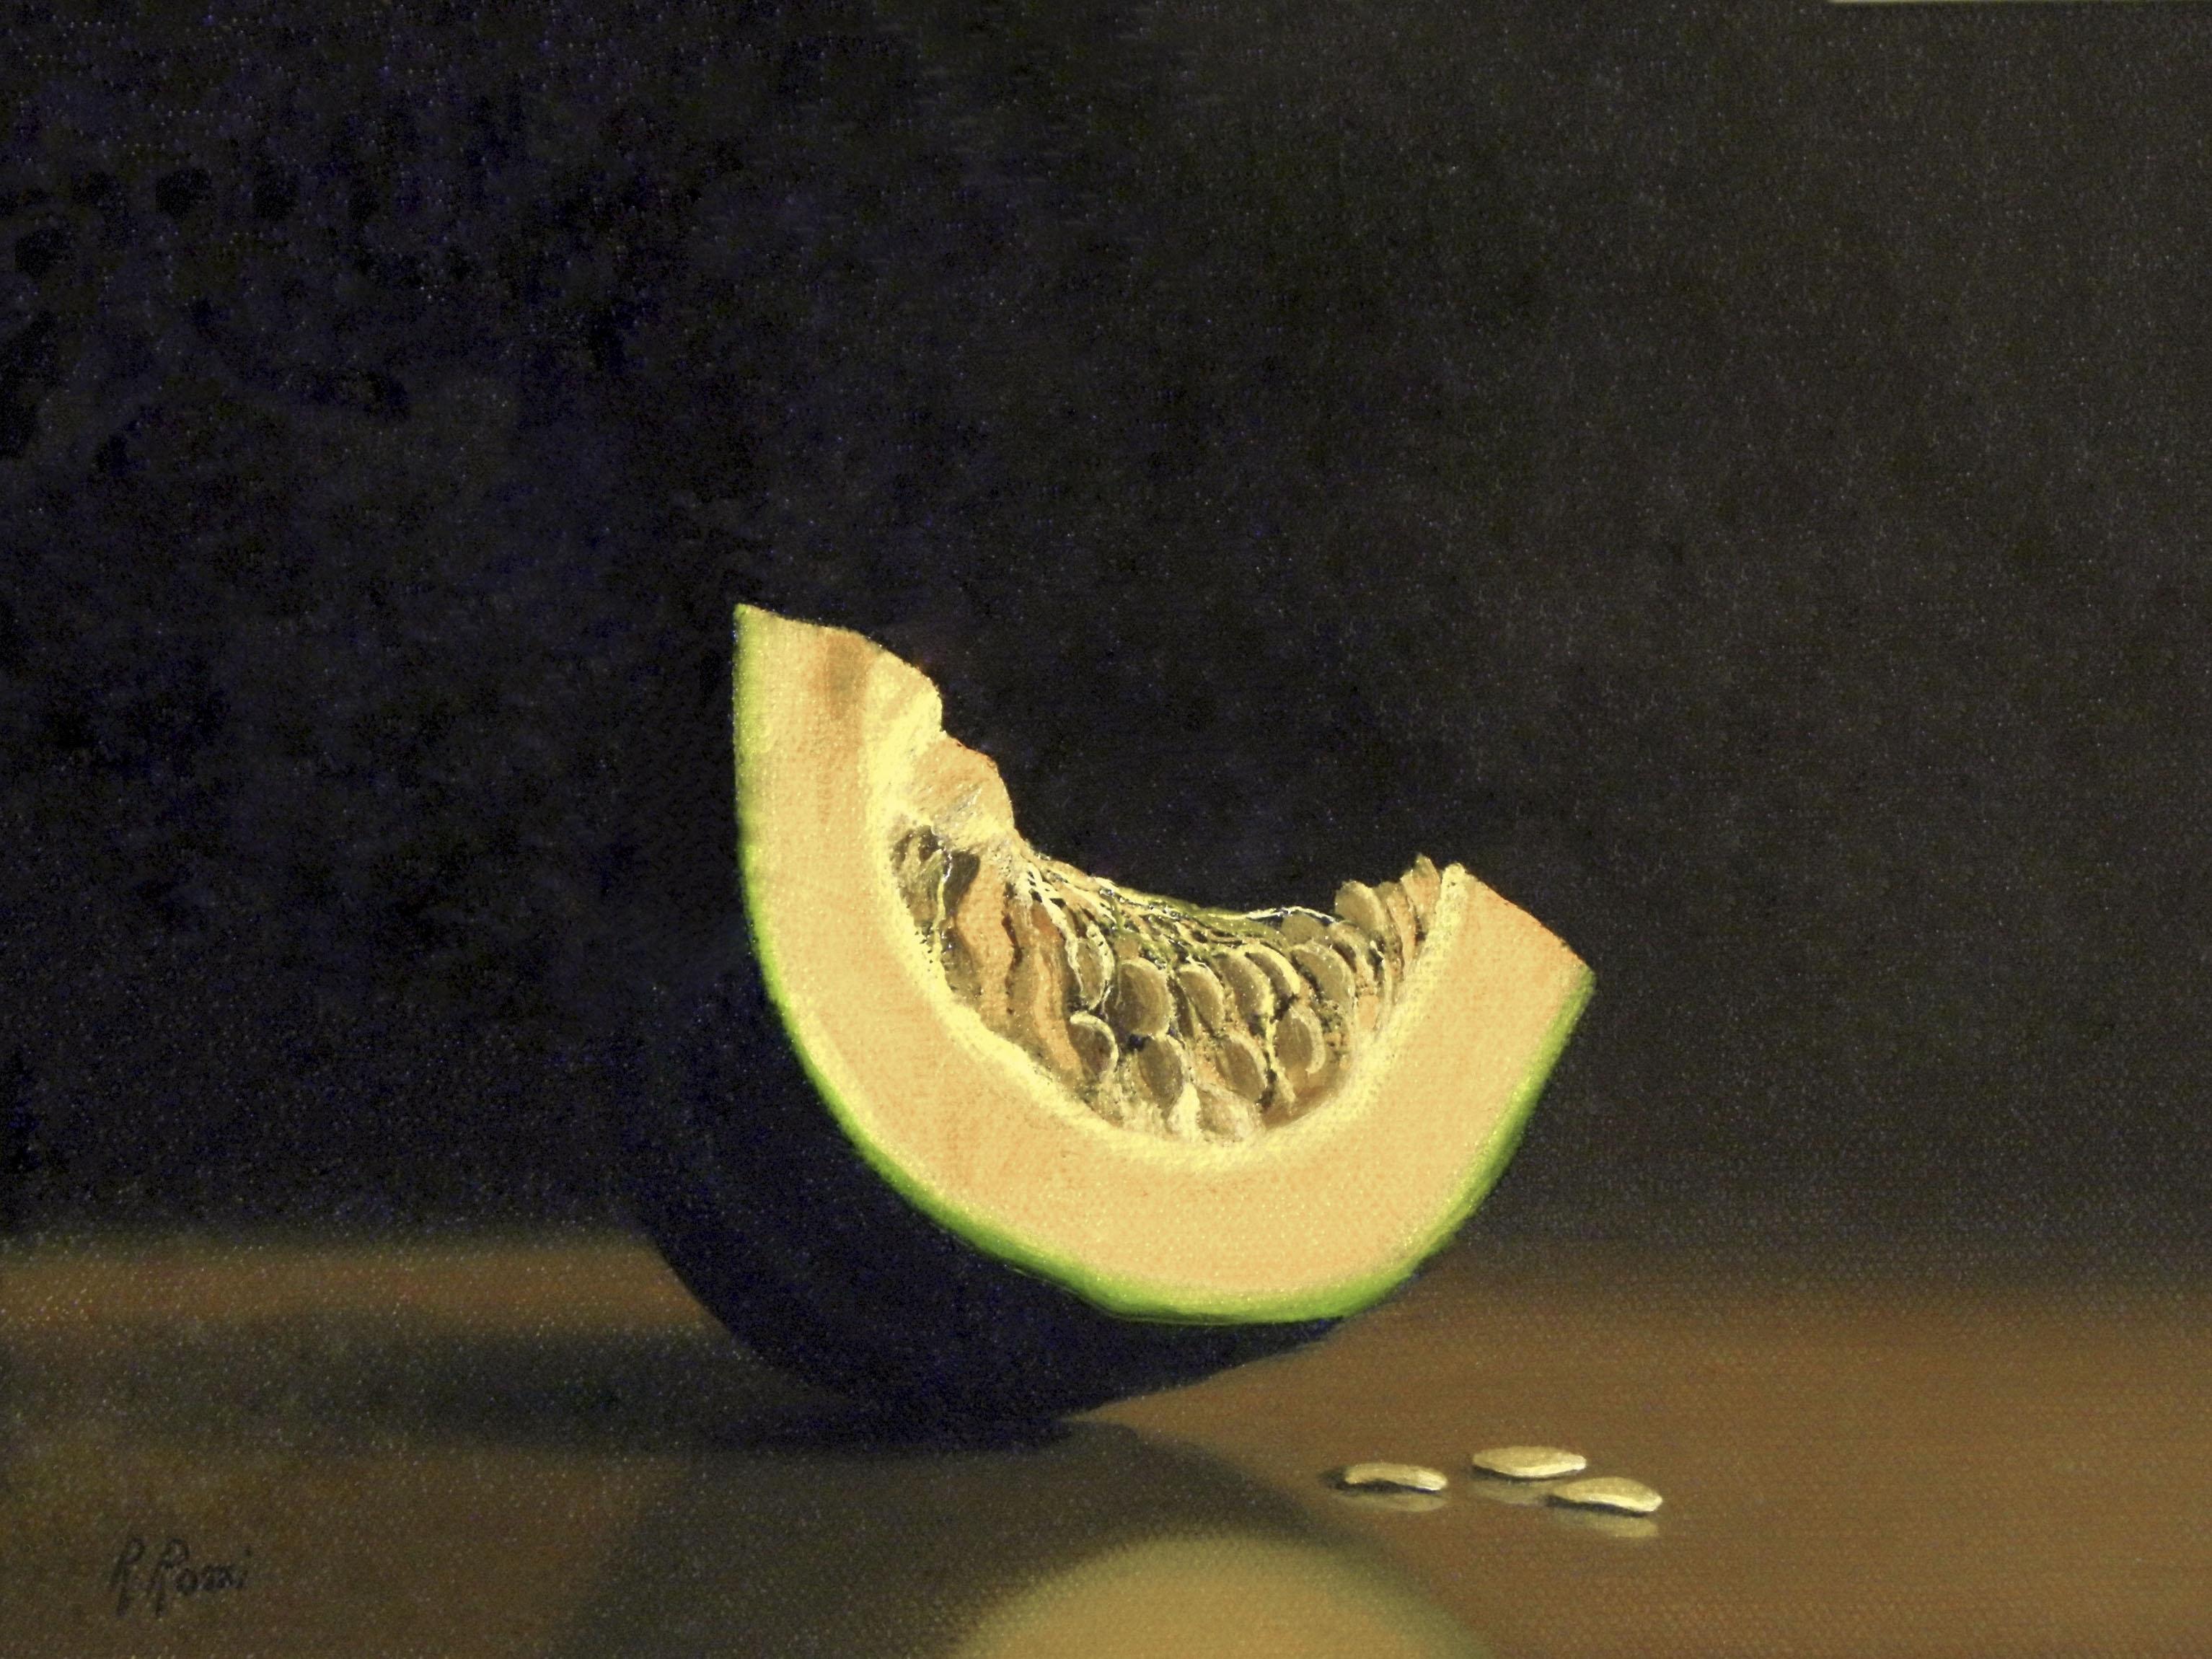 2013 roberta rossi – Zucca e semi – olio su tela applicata a cartone – 18 x 24